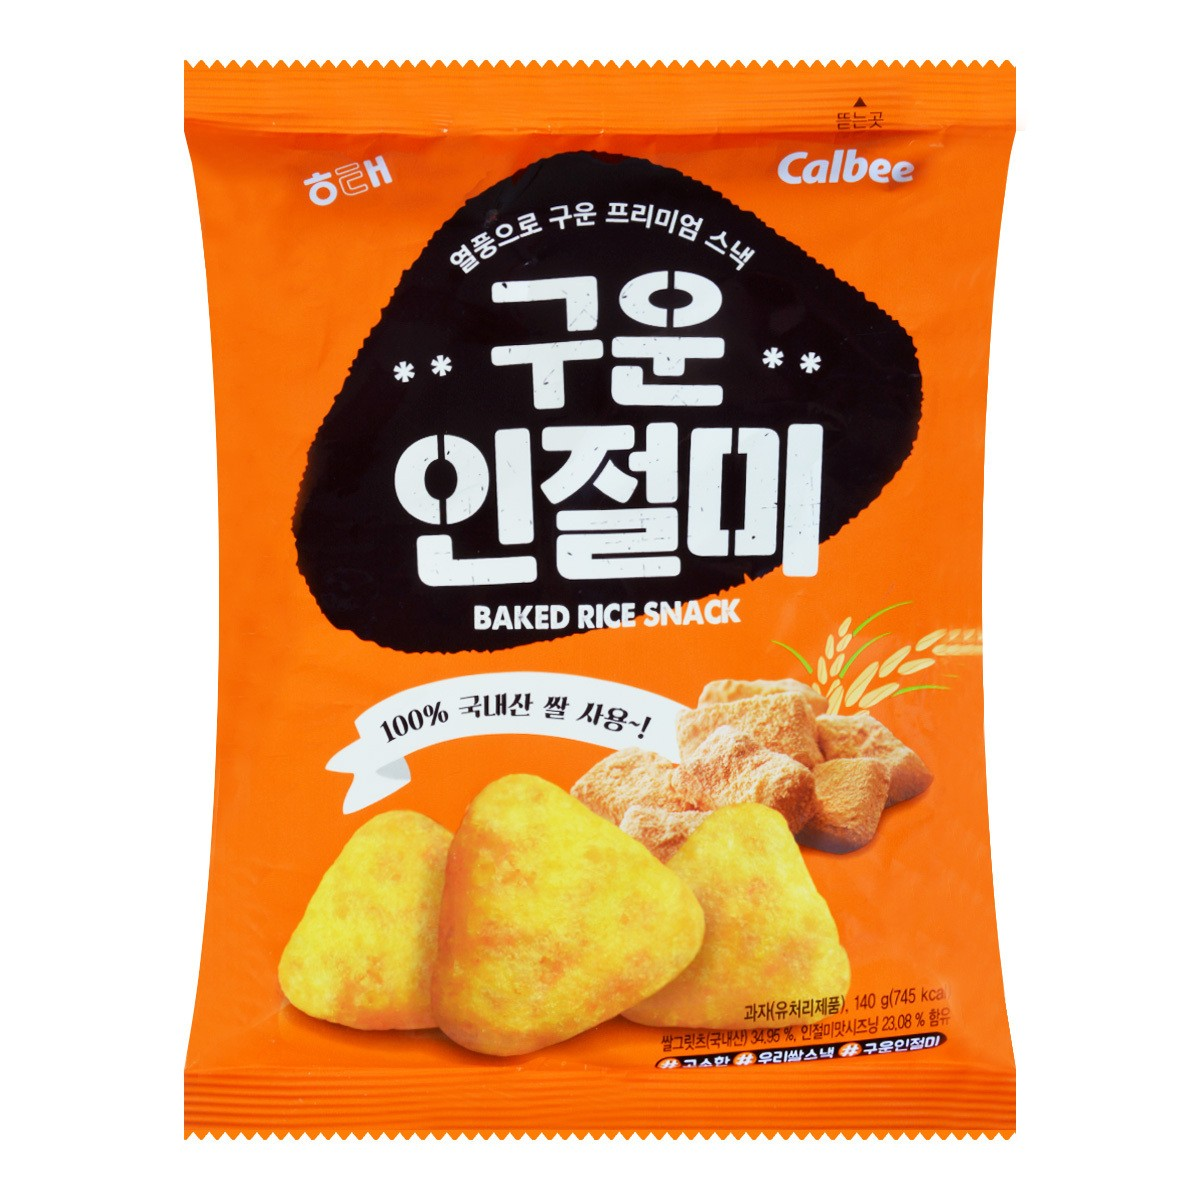 韩国HAITAI海太 X CALBEE卡乐B 彭化烤黄豆年糕 大包 140g